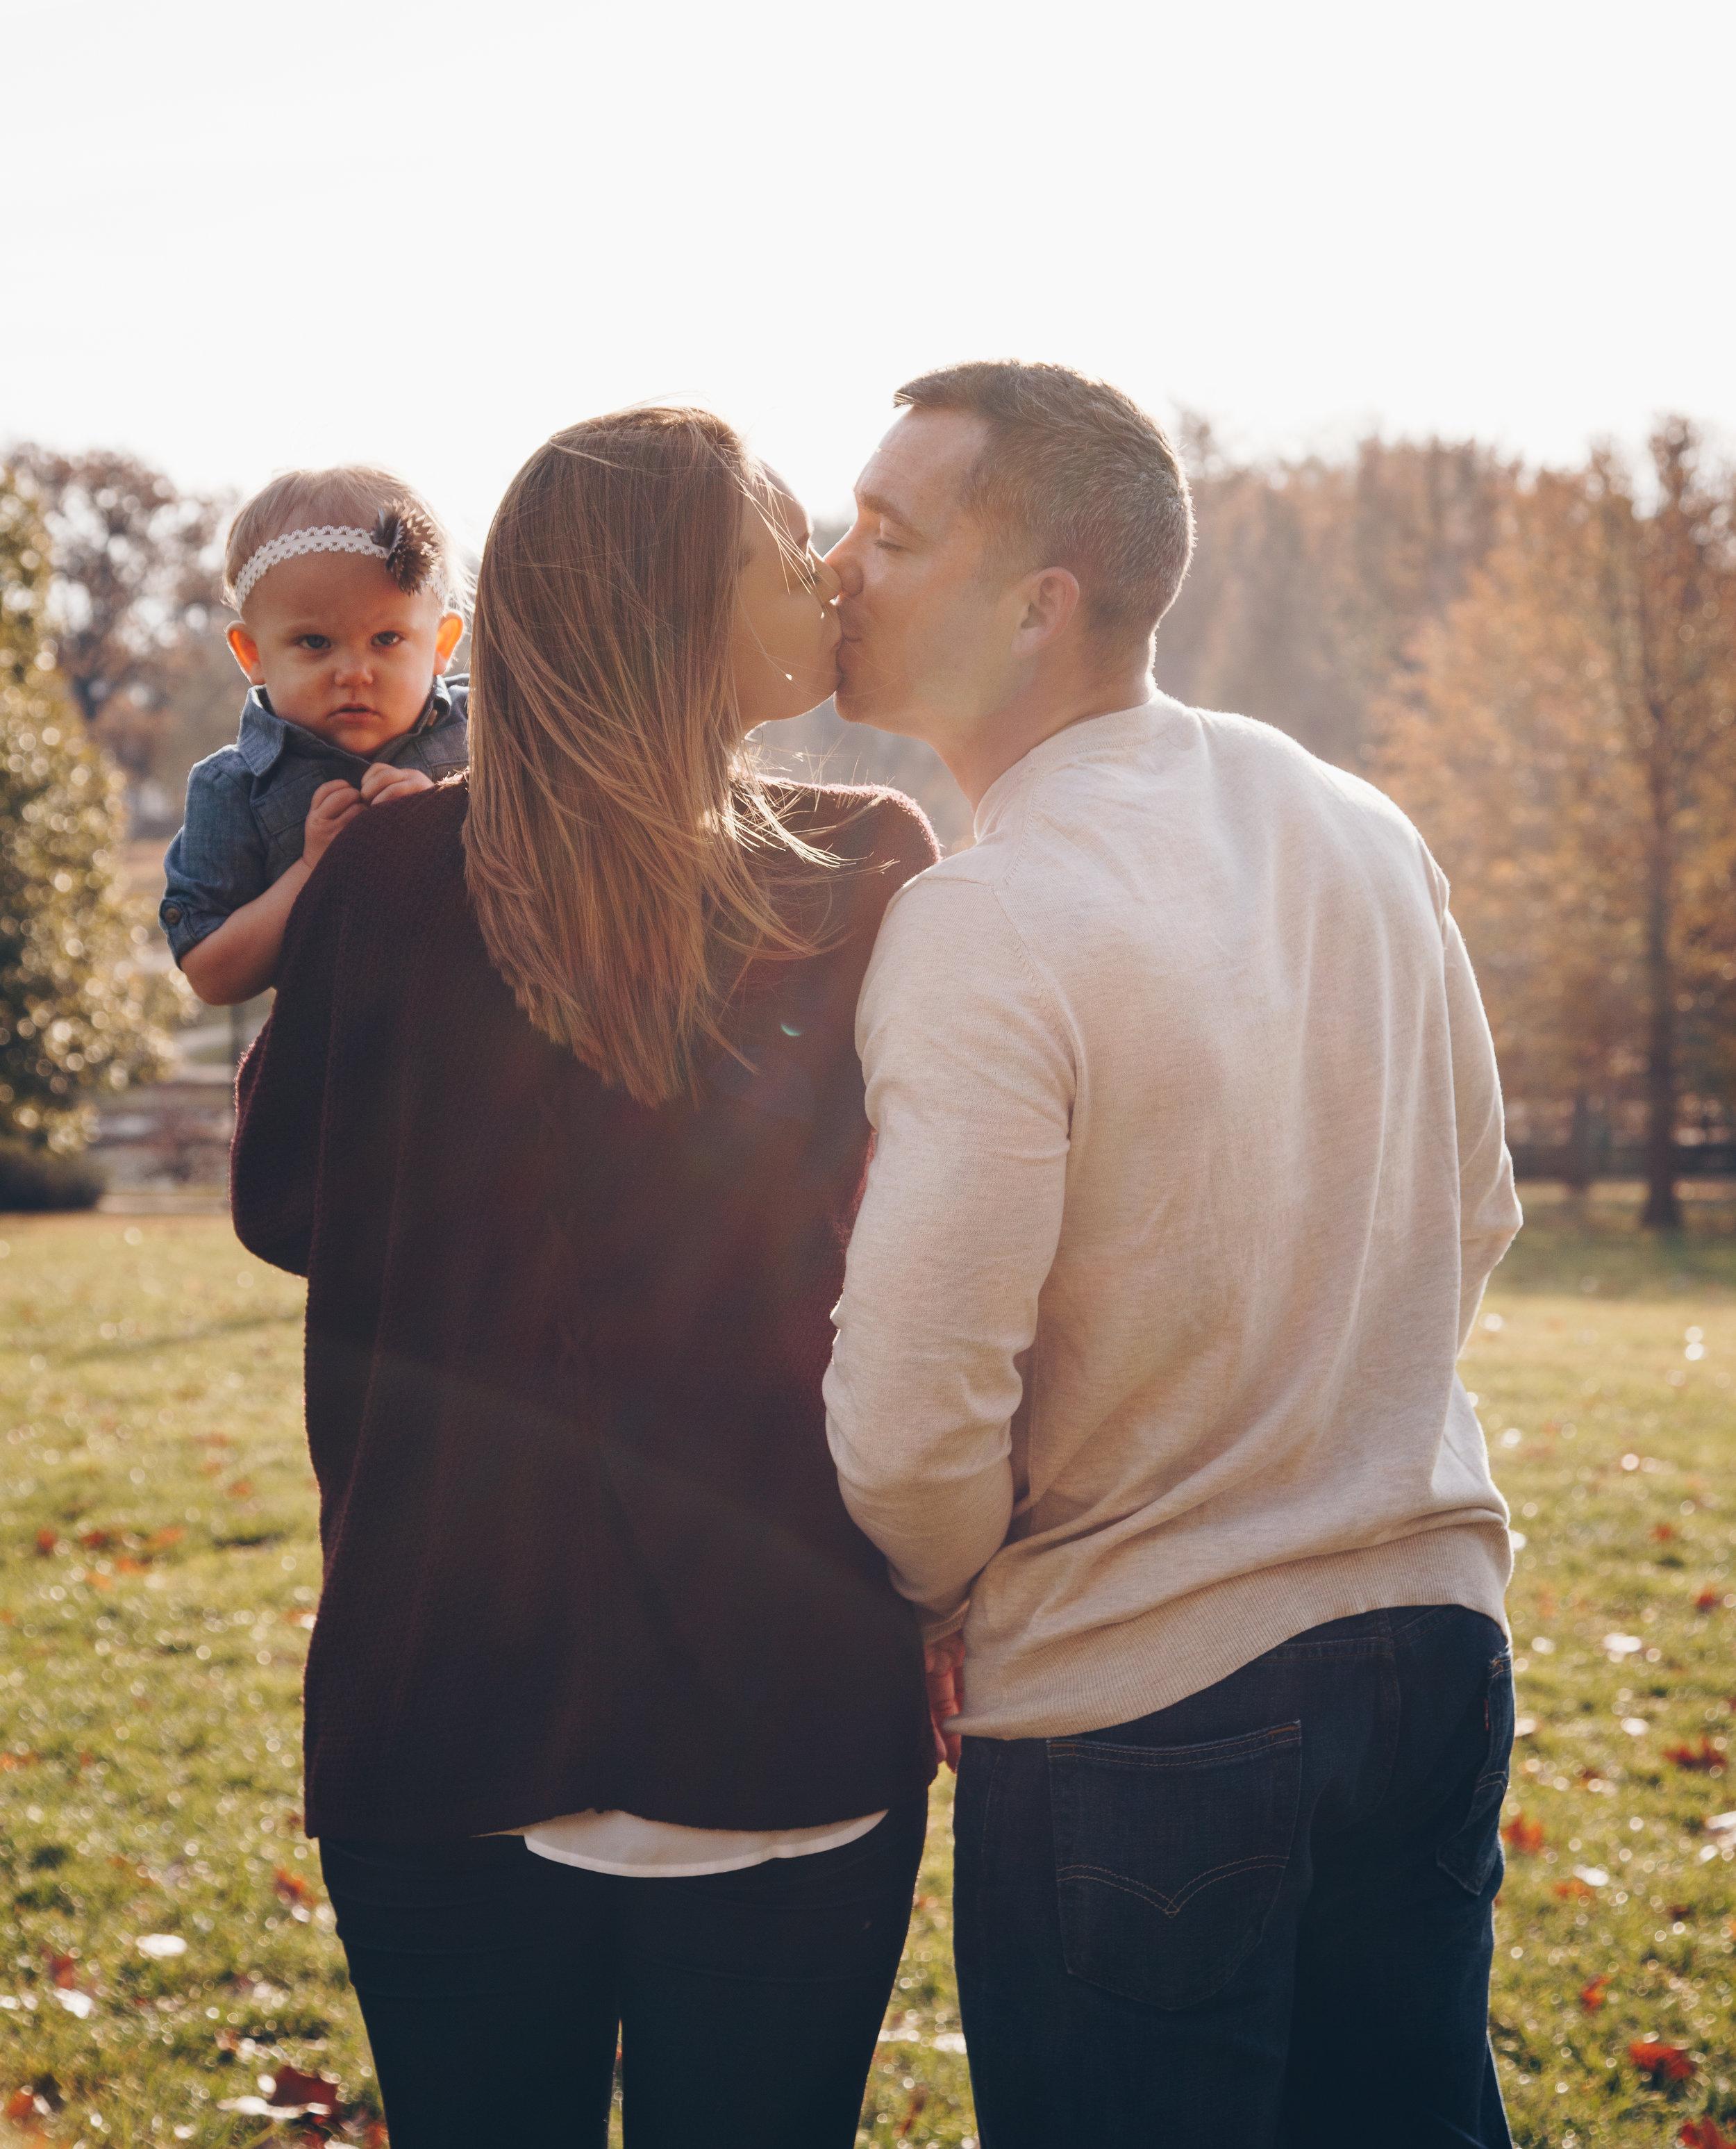 Bennett-Burrell Family Photos 2018 (25 of 39).jpg